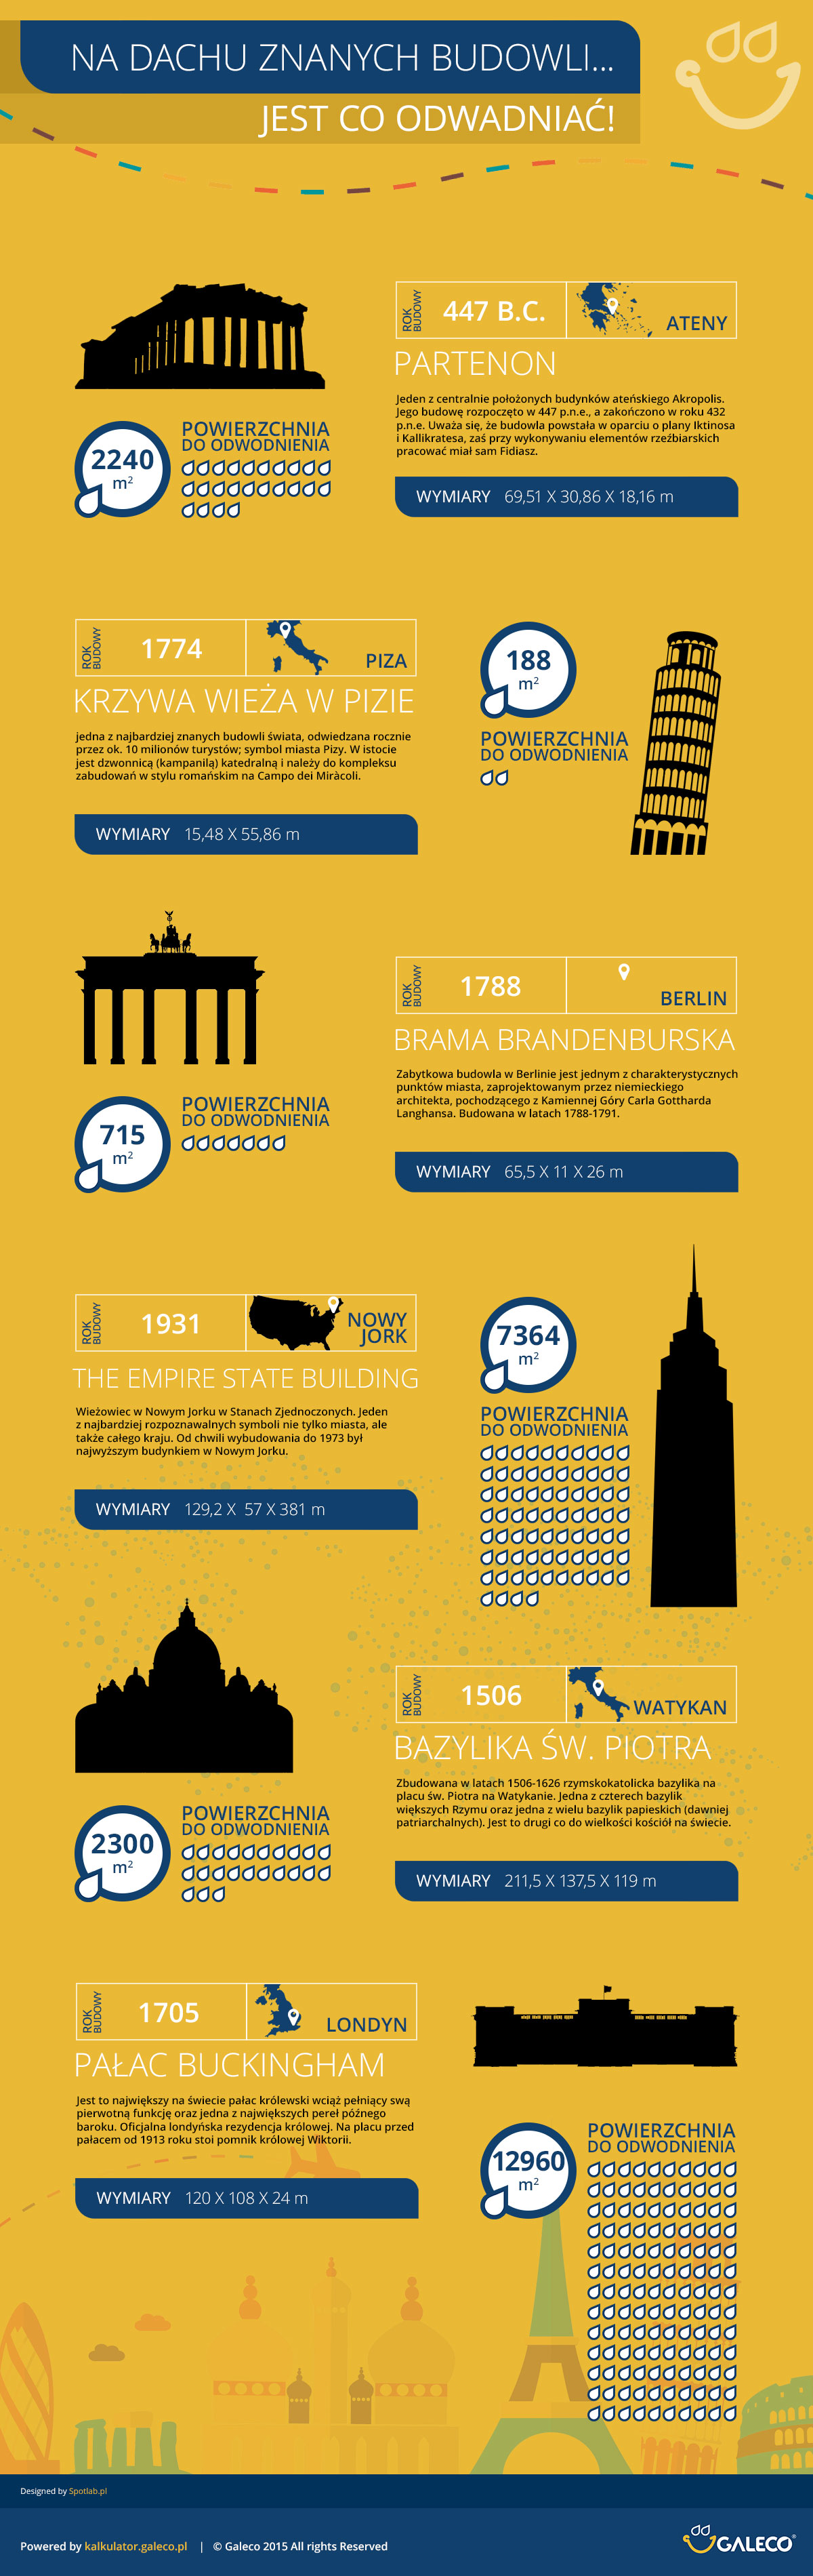 Galeco<br />- Infografika: Znane budowle - jest co odwadniać!